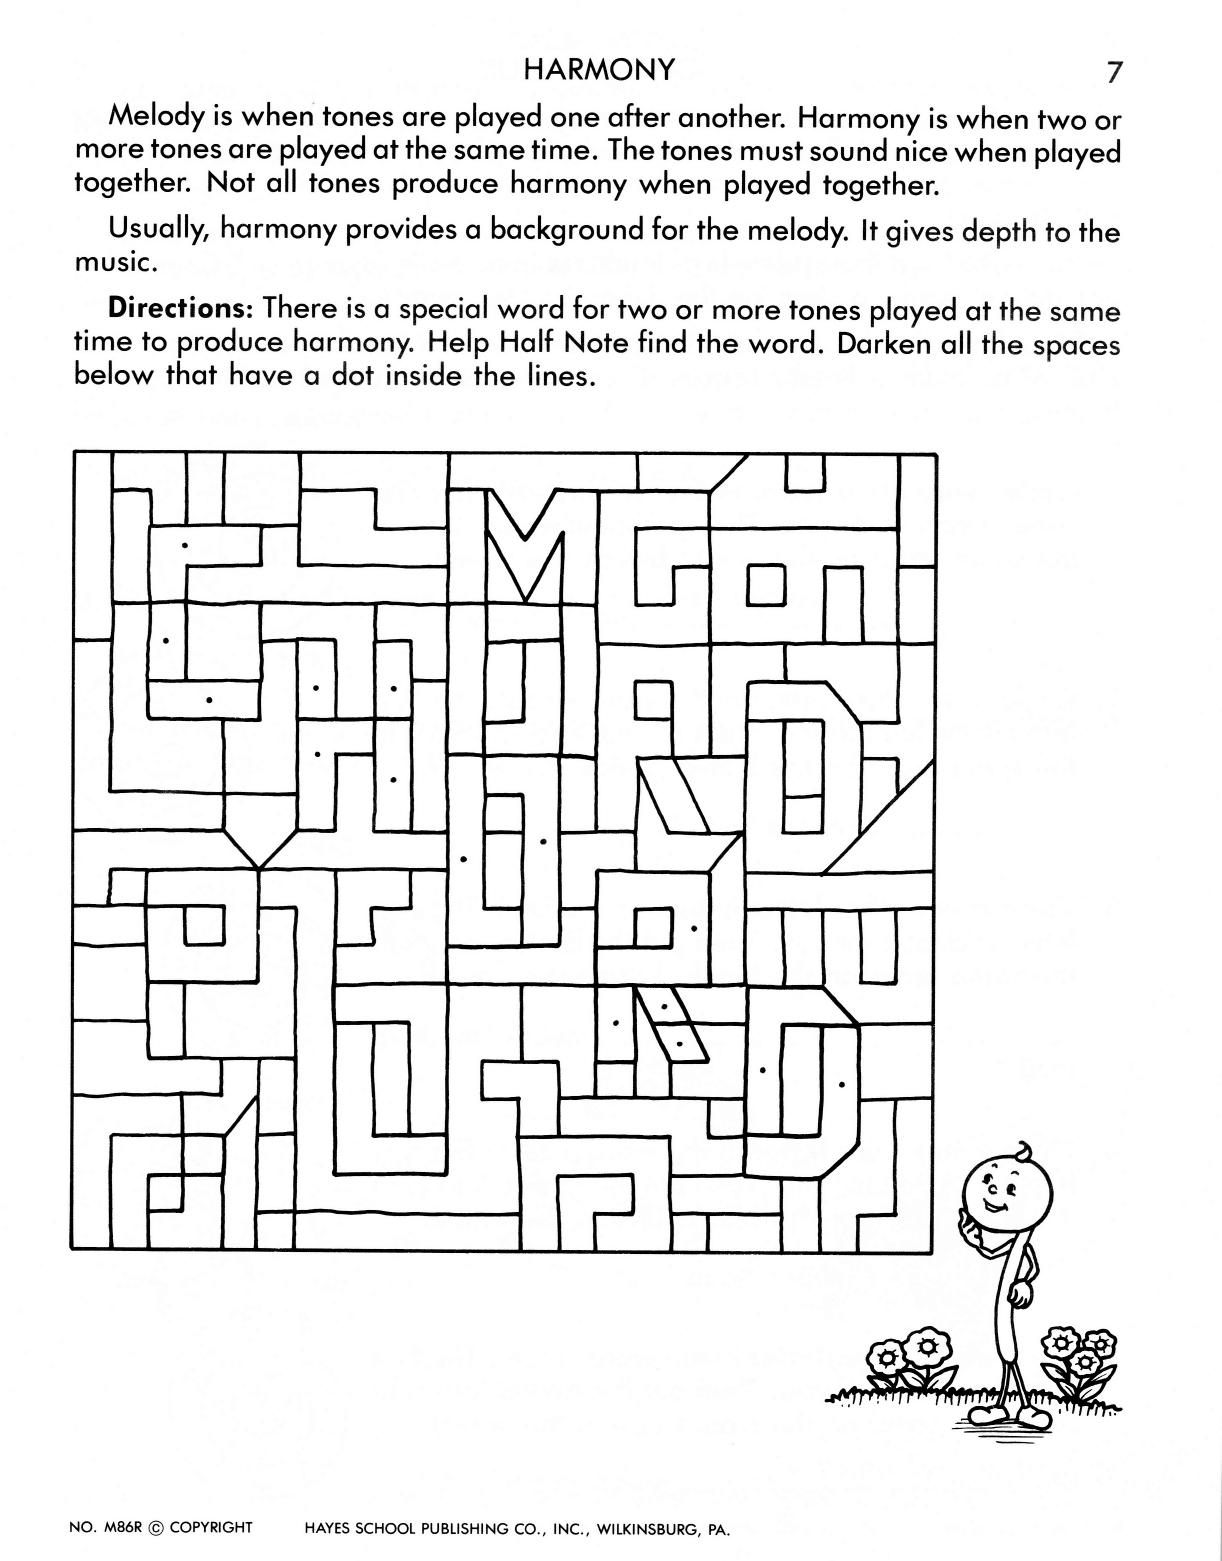 Worksheet Page 7